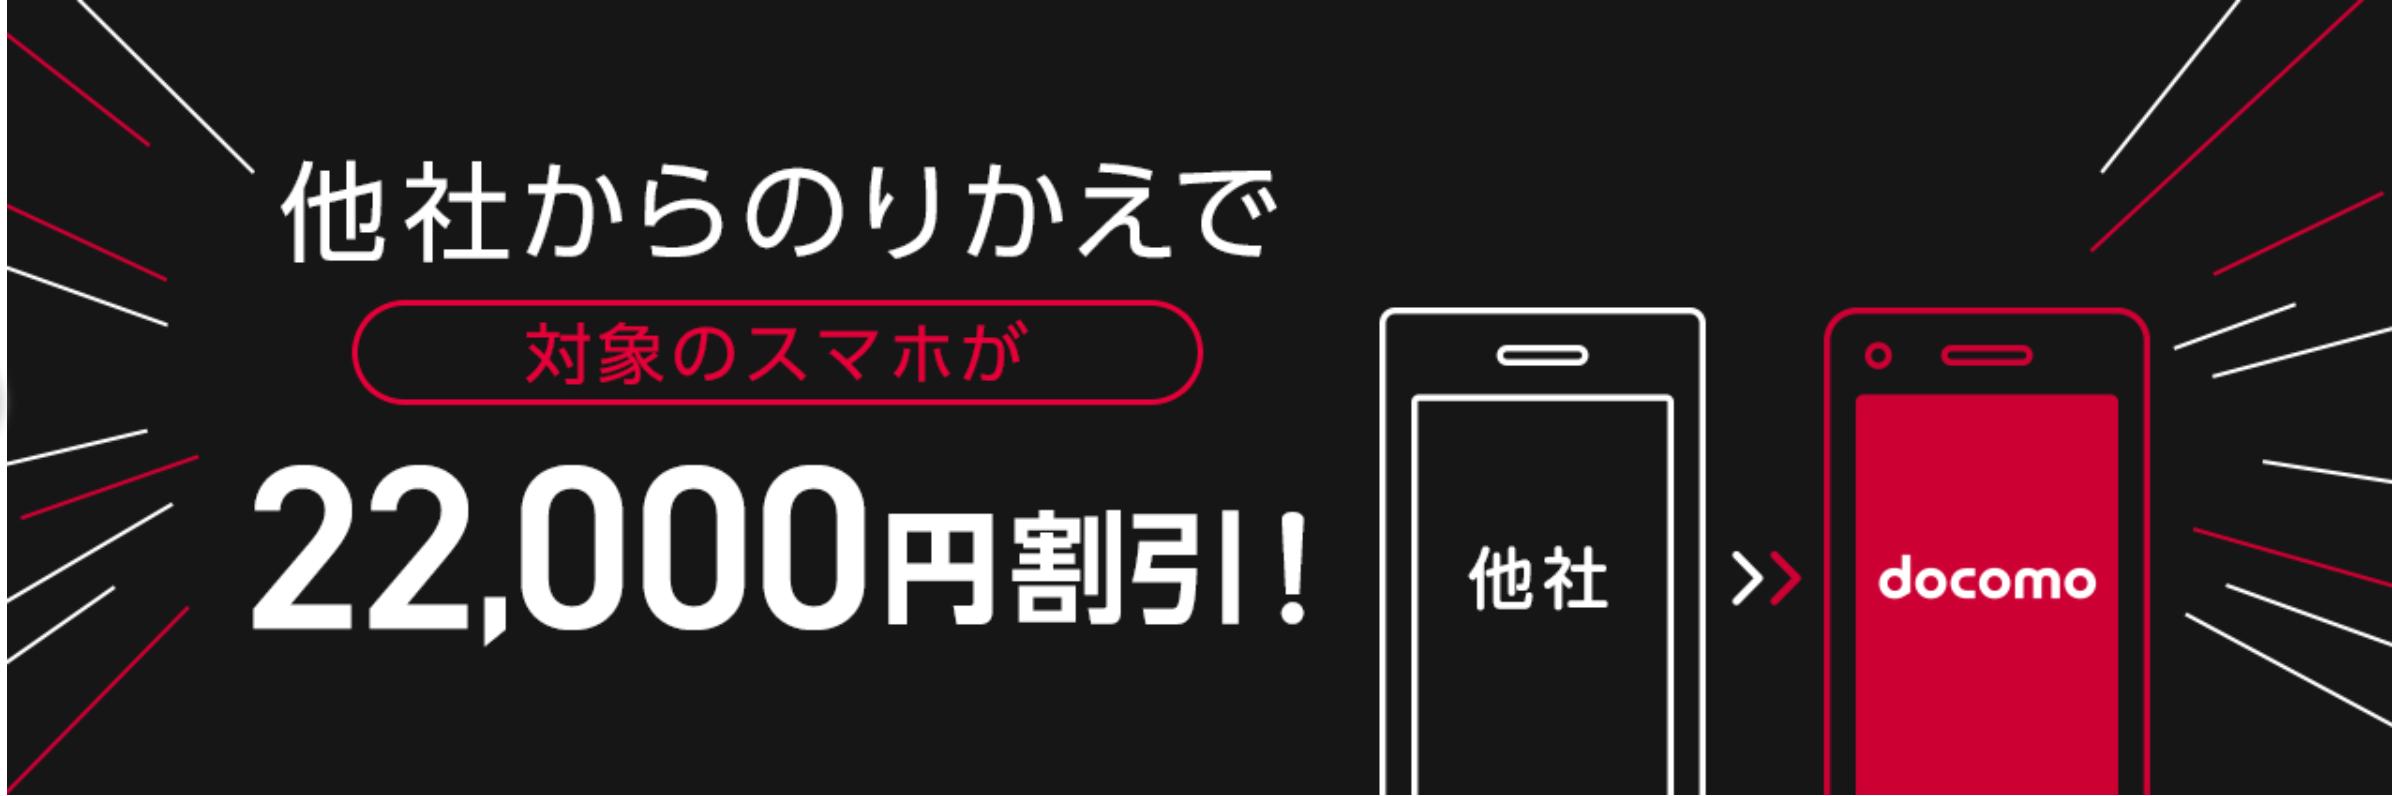 ドコモ_乗り換え_キャンペーン